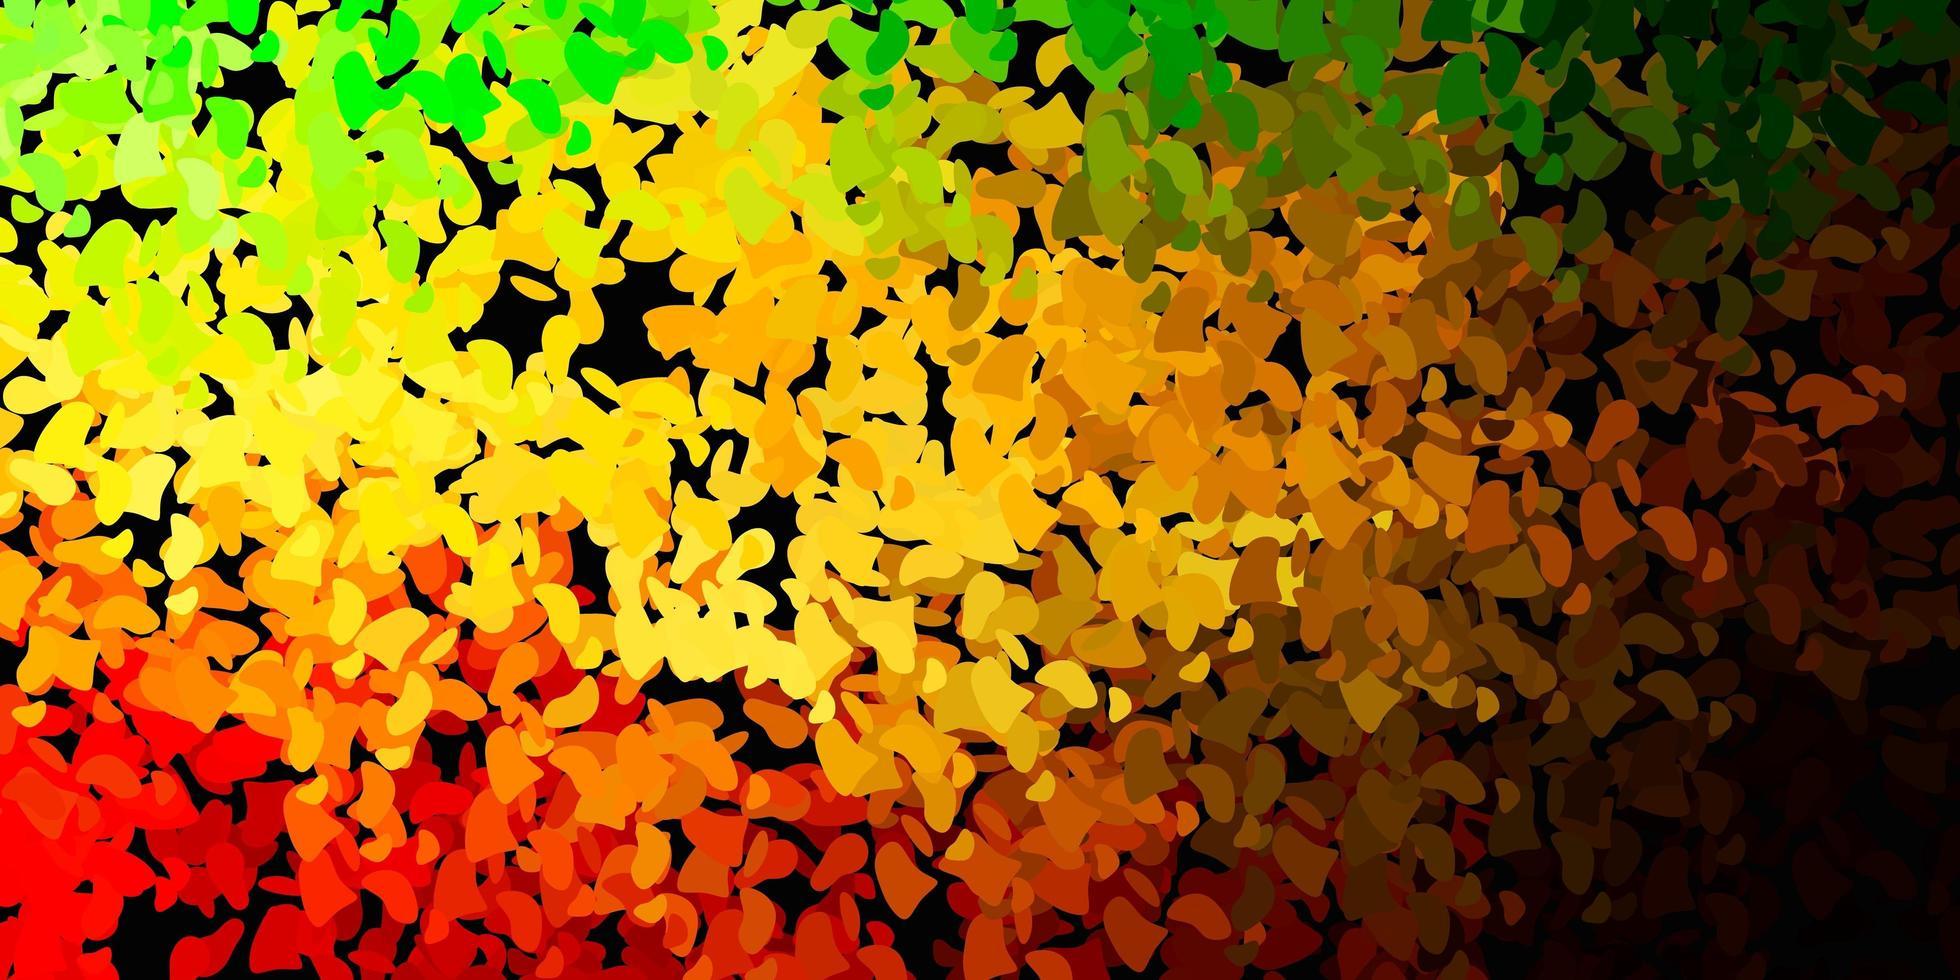 donkergroen, geel vectormalplaatje met abstracte vormen. vector